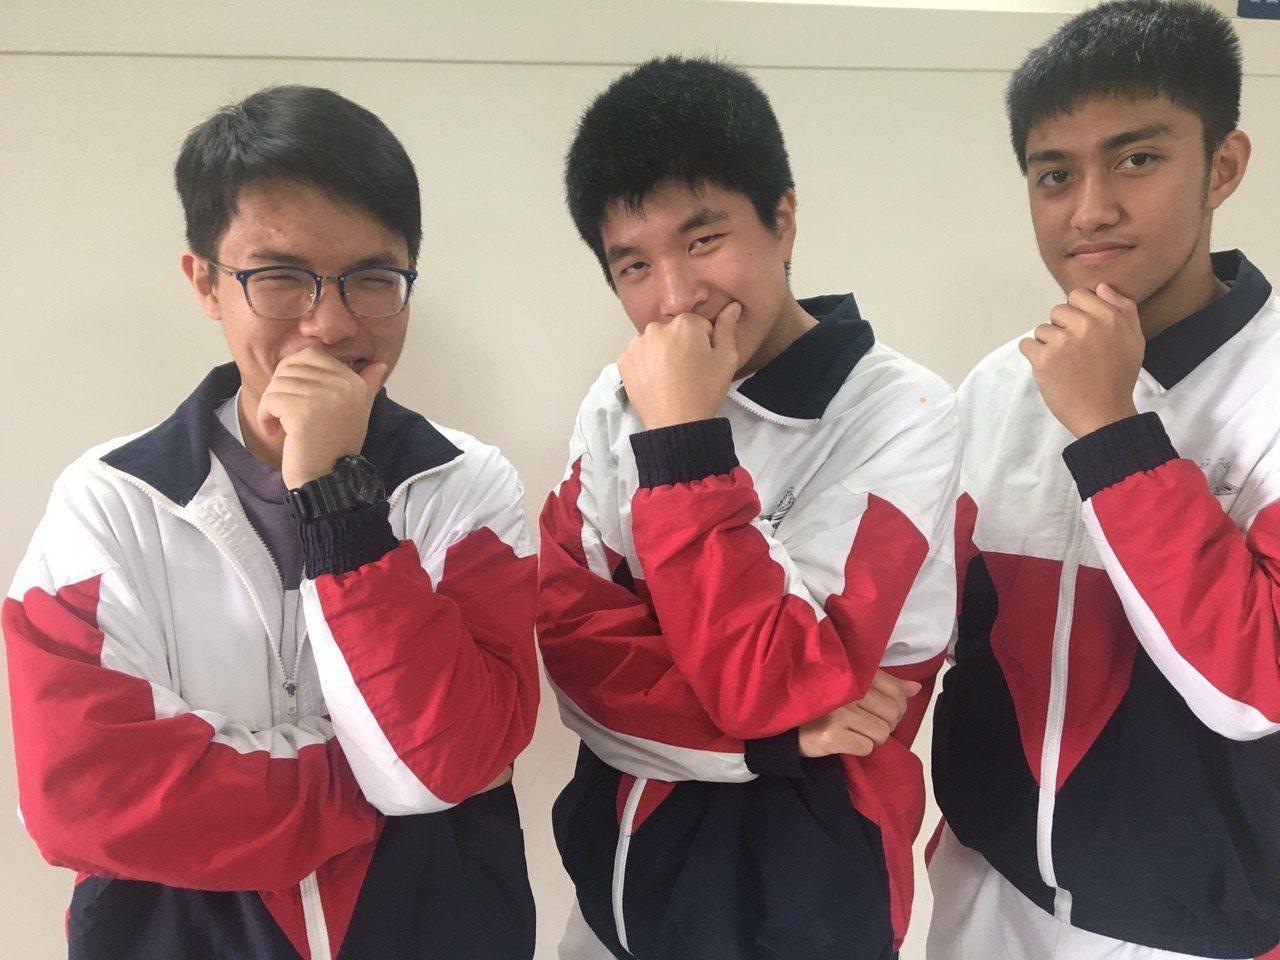 楊宇荃(左起)、袁睿廷、王傑昇學測表現出色。記者鄭國樑/攝影